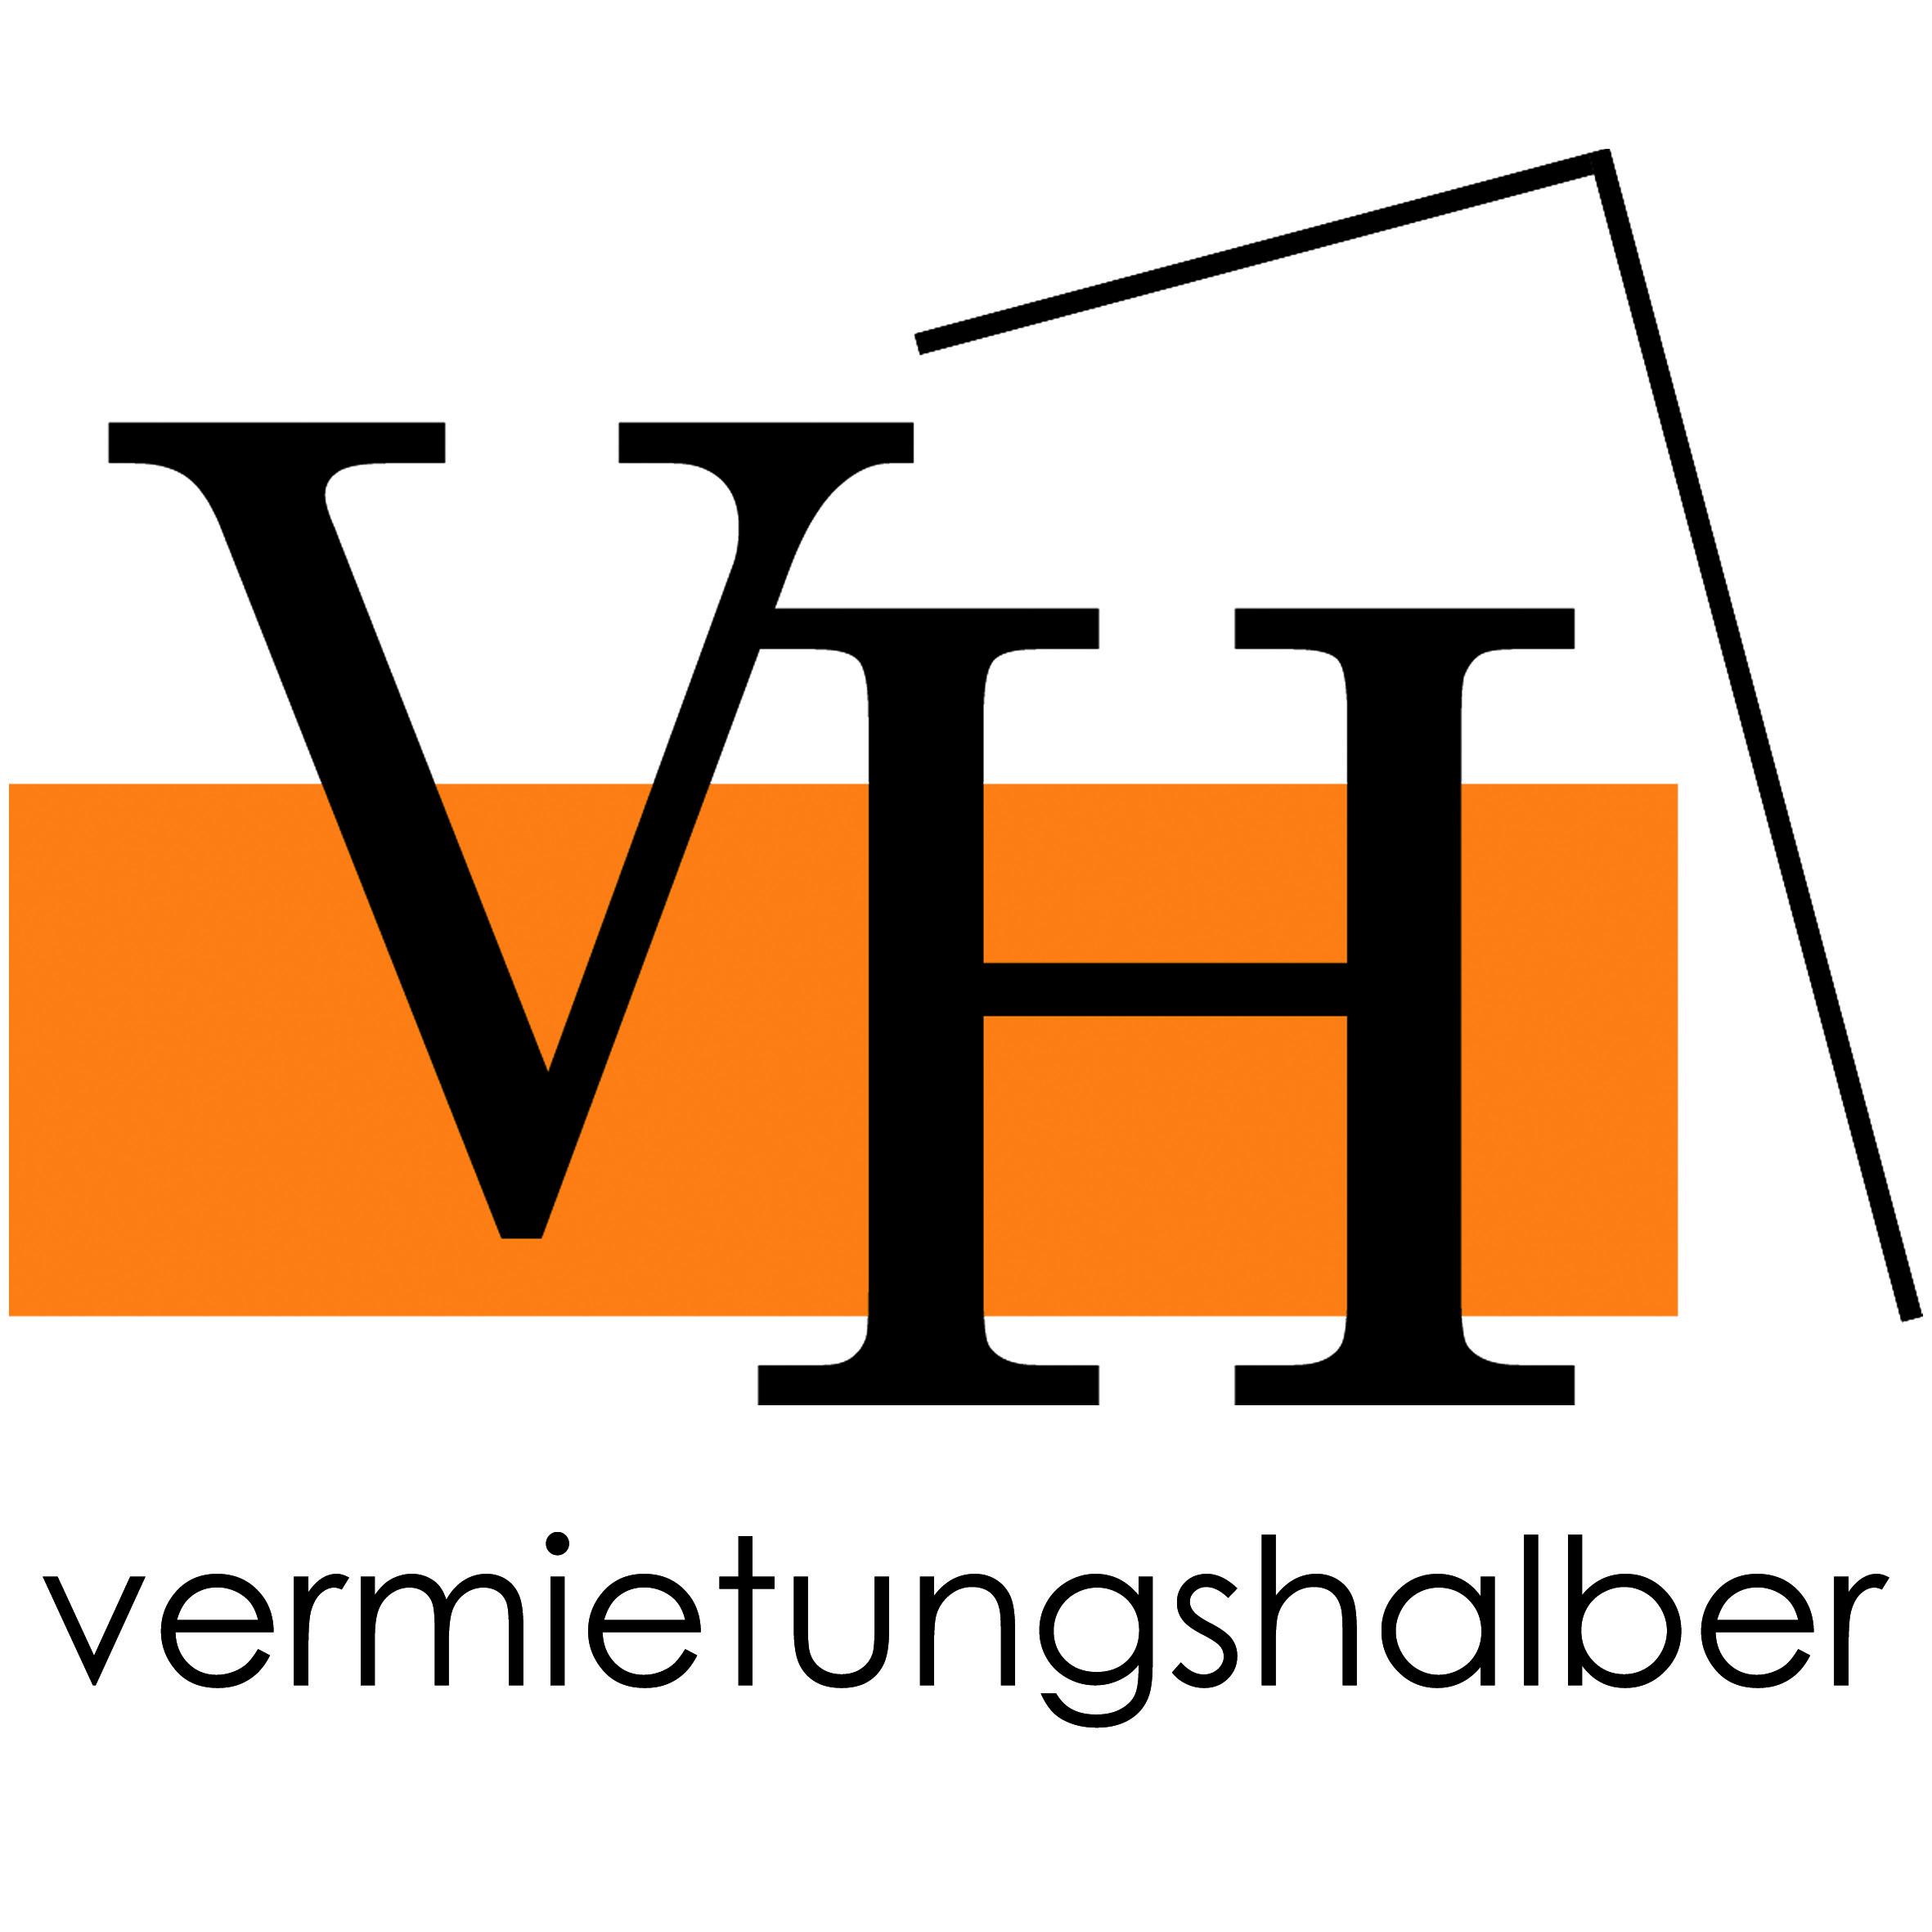 Hier sehen Sie das Logo von Vermietungshalber UG (haftungsbeschränkt)